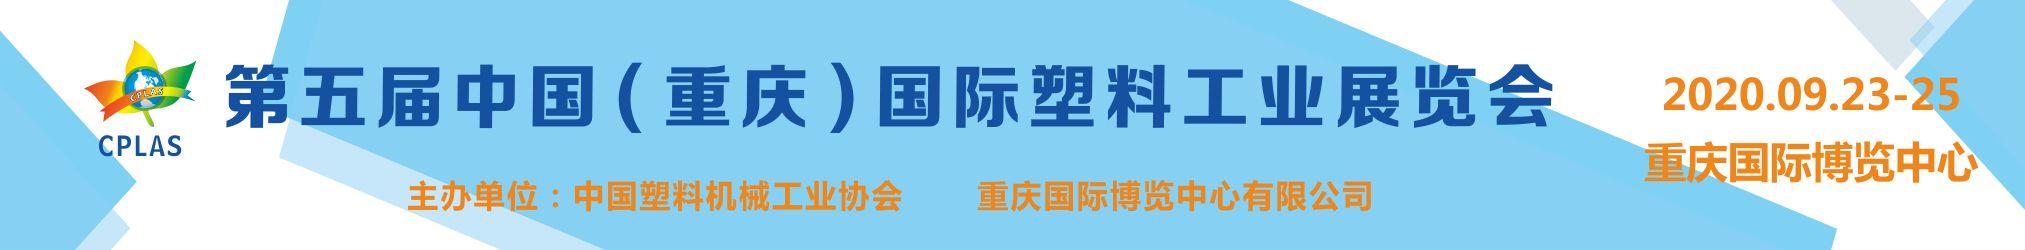 第五屆中國(重慶)國際塑料工業展覽會